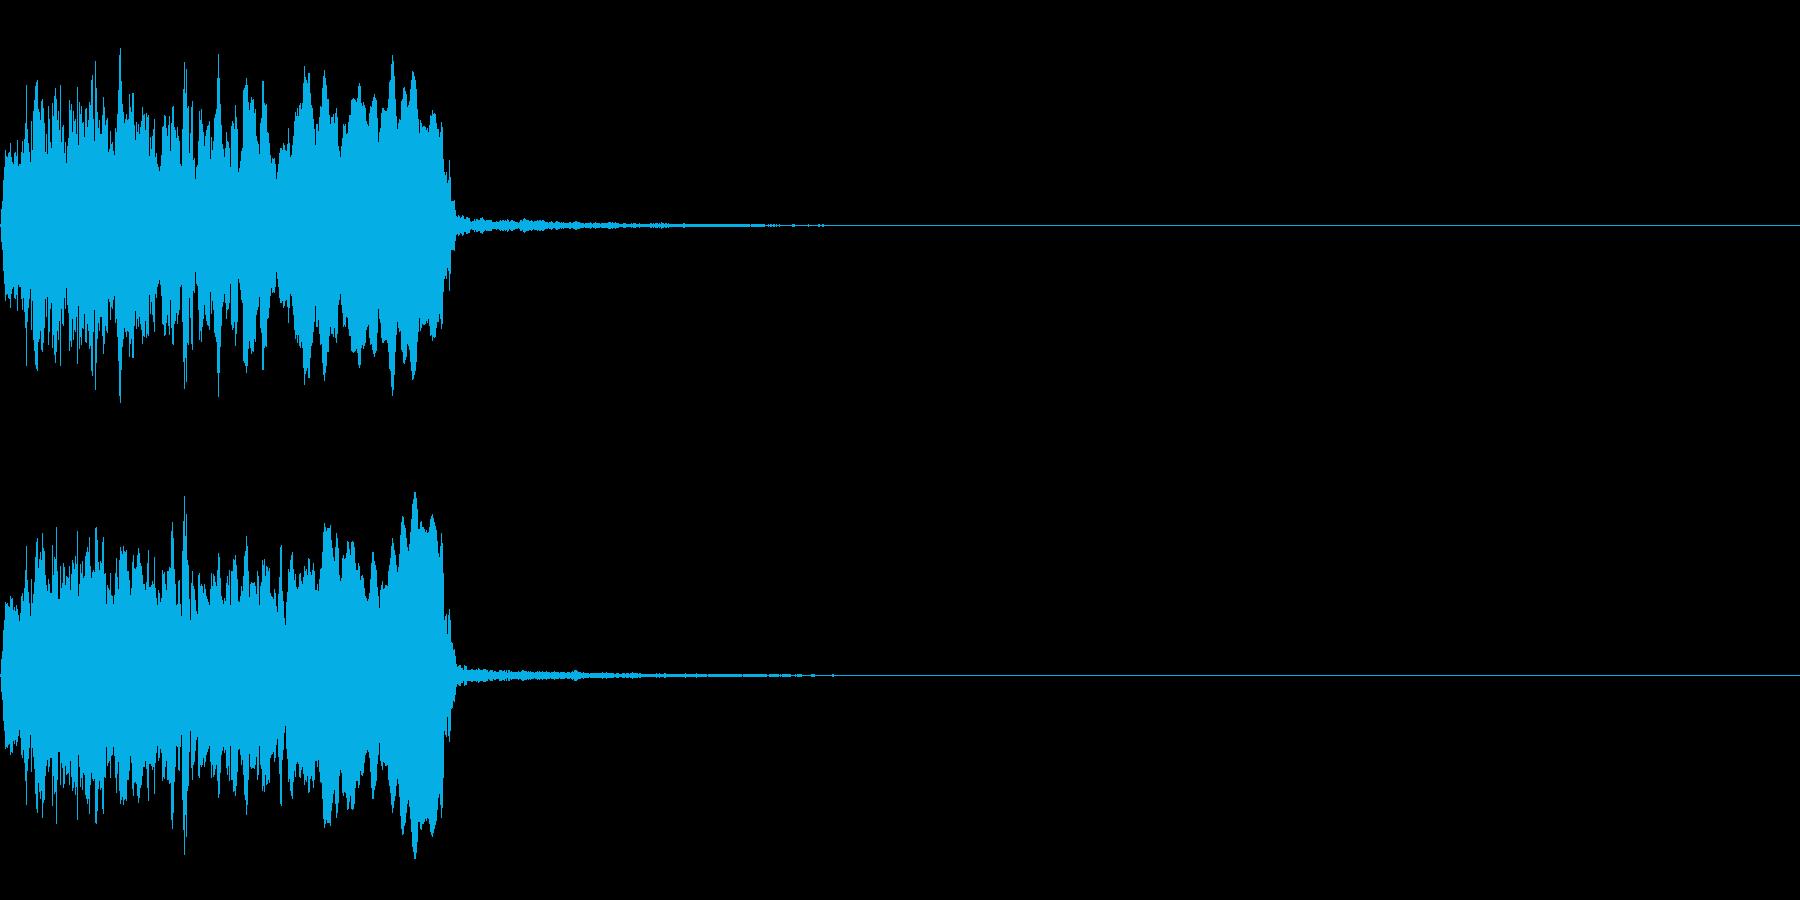 プーン・サイレン・ブザー・キュイーン5の再生済みの波形